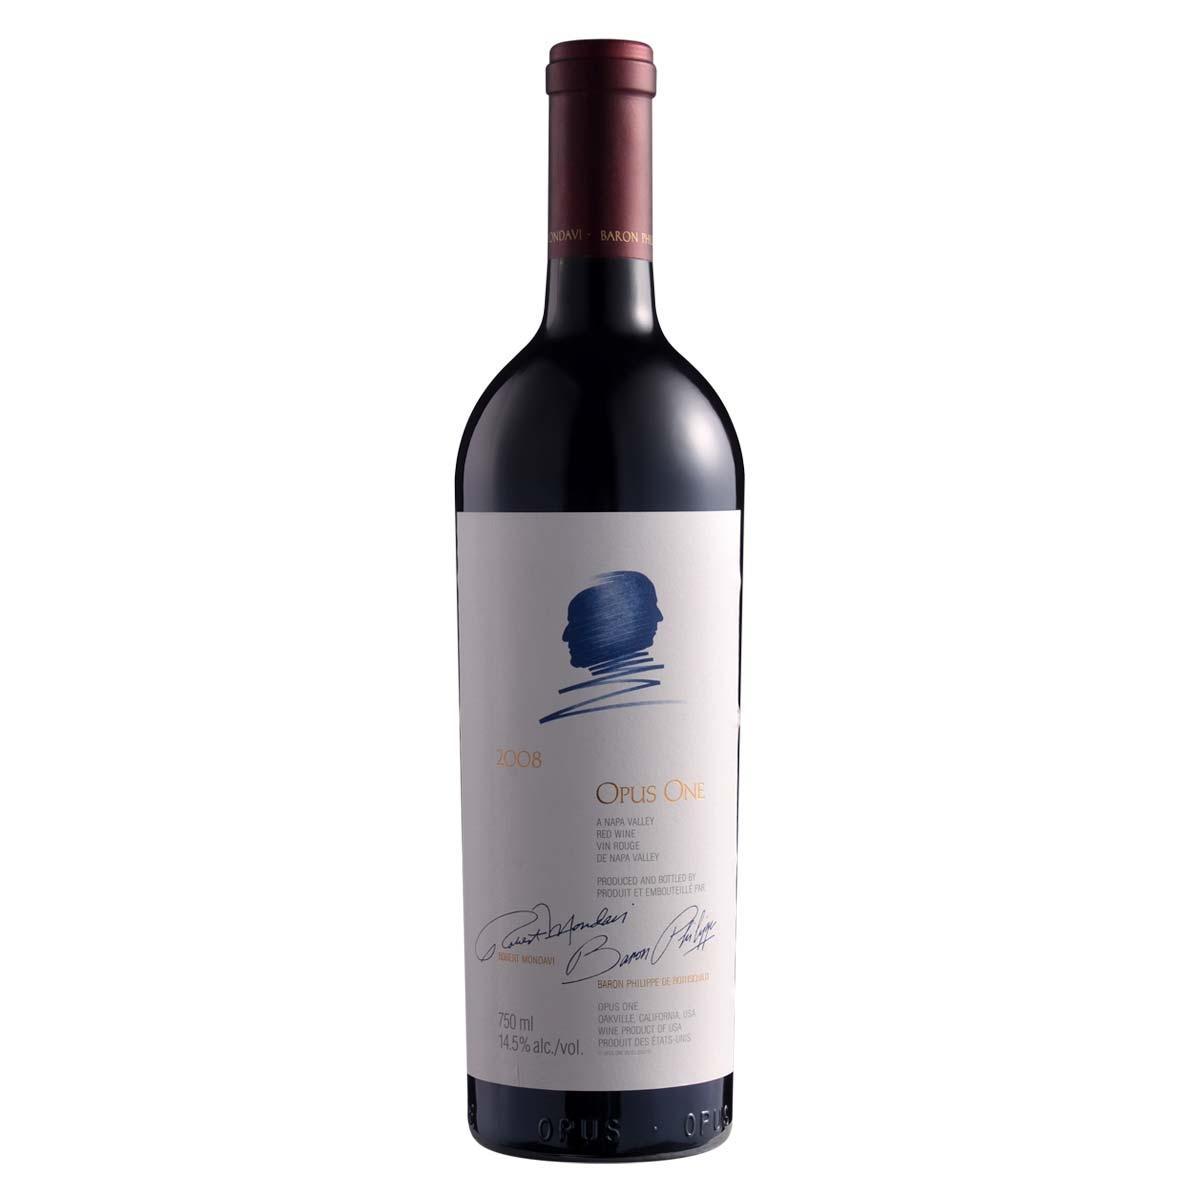 上海进口红酒专卖、作品一号(Opus One)干红葡萄酒价格